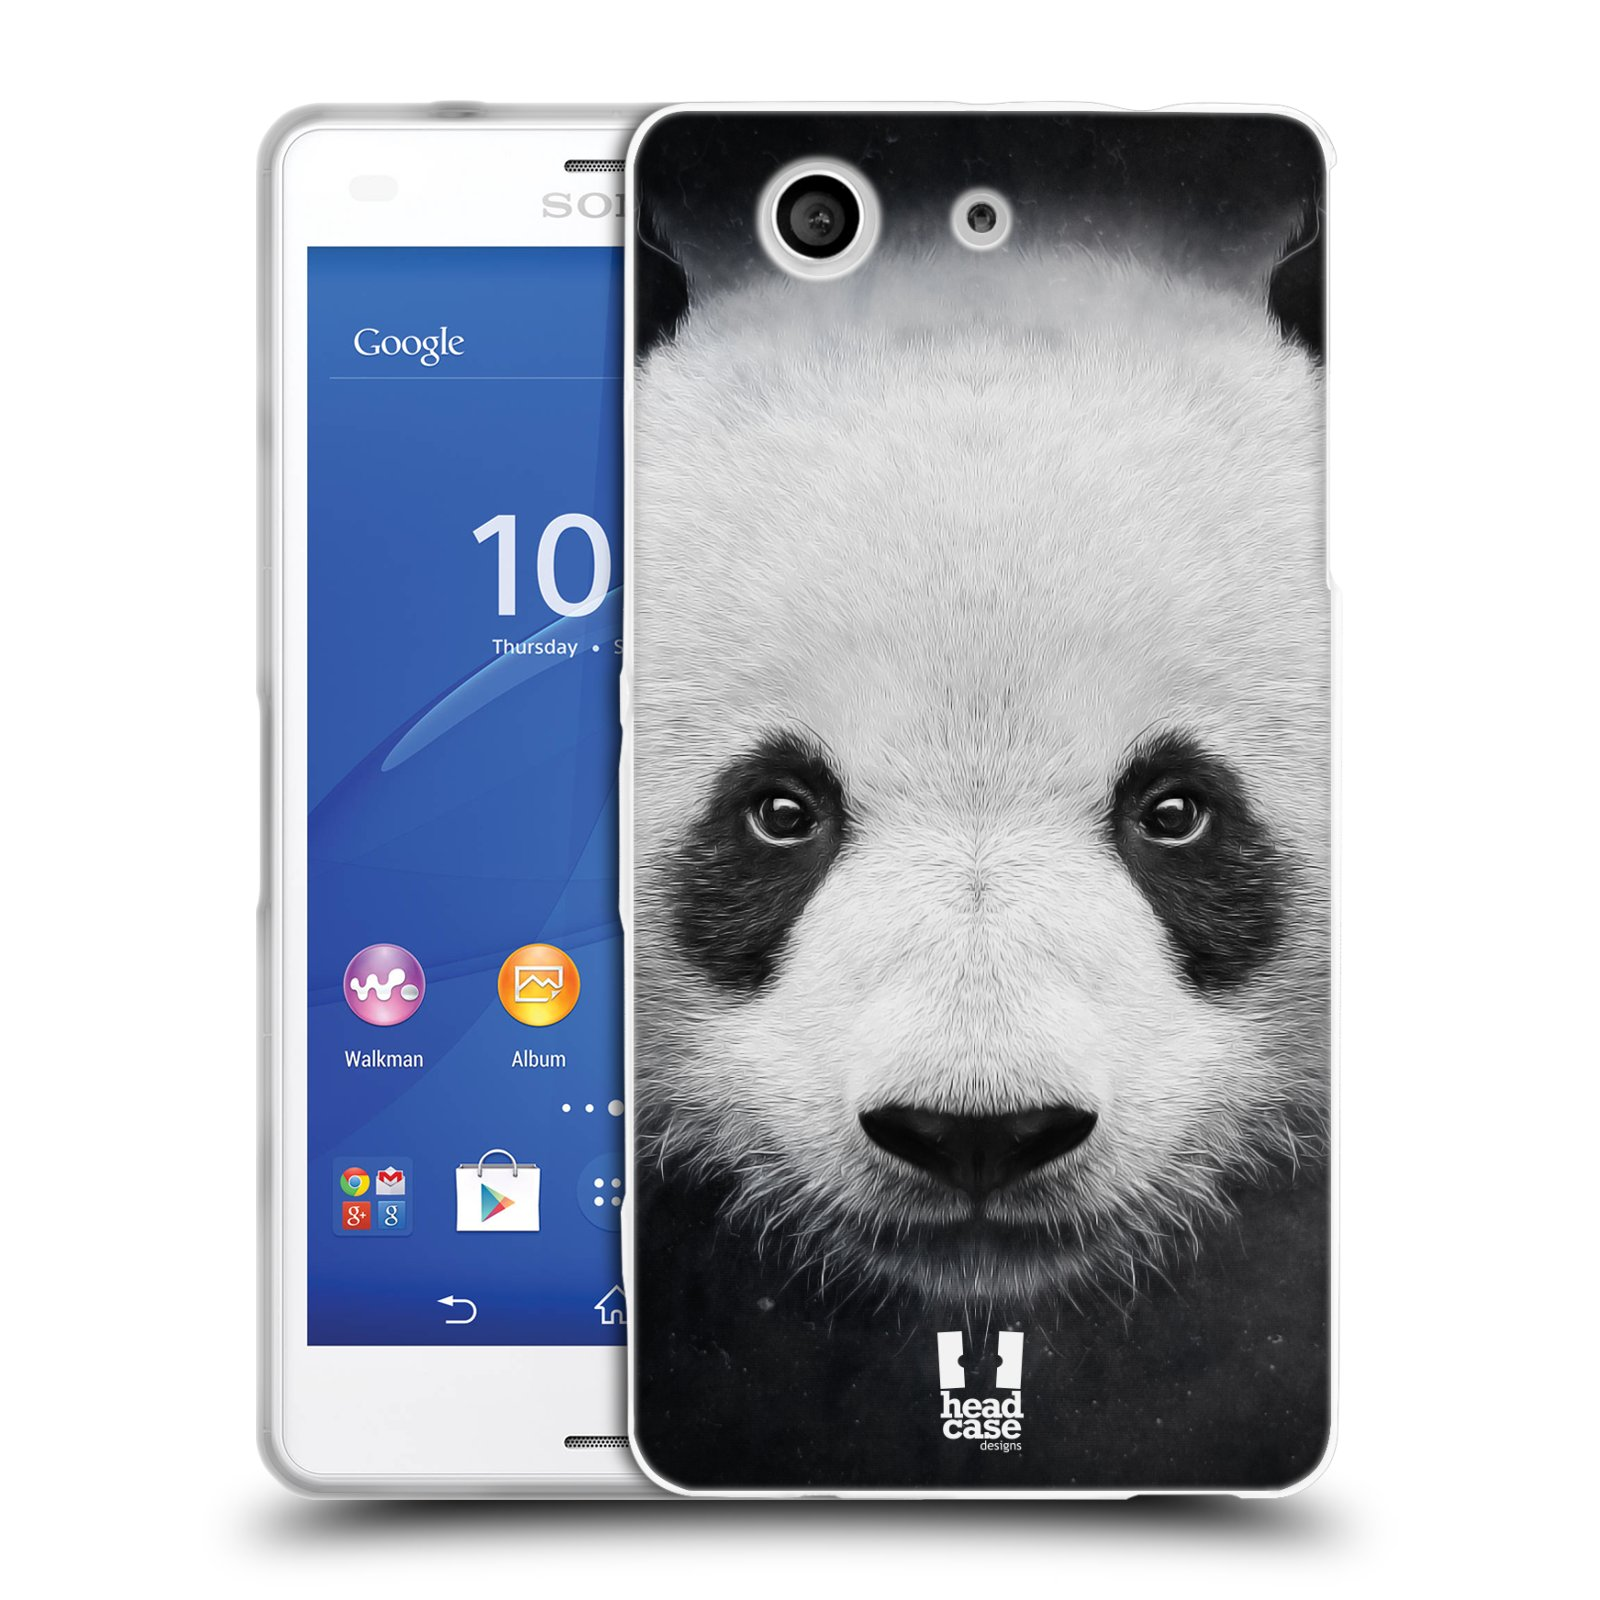 HEAD CASE silikonový obal na mobil Sony Xperia Z3 COMPACT (D5803) vzor Zvířecí tváře medvěd panda